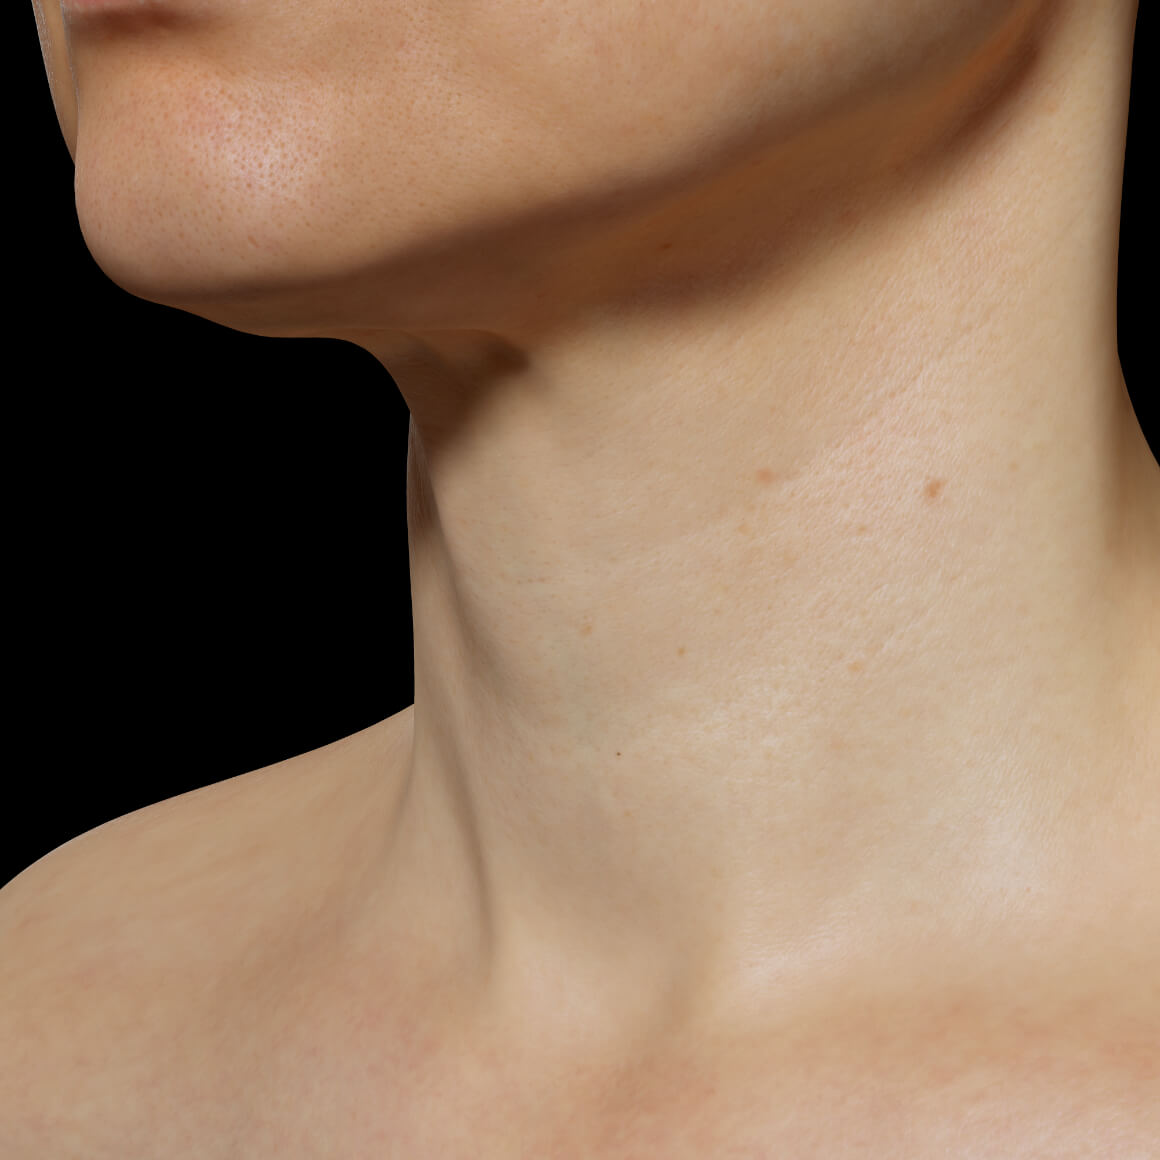 Une patiente de la Clinique Chloé en angle après des traitements de mésothérapie pour le rajeunissement de l'apparence du cou